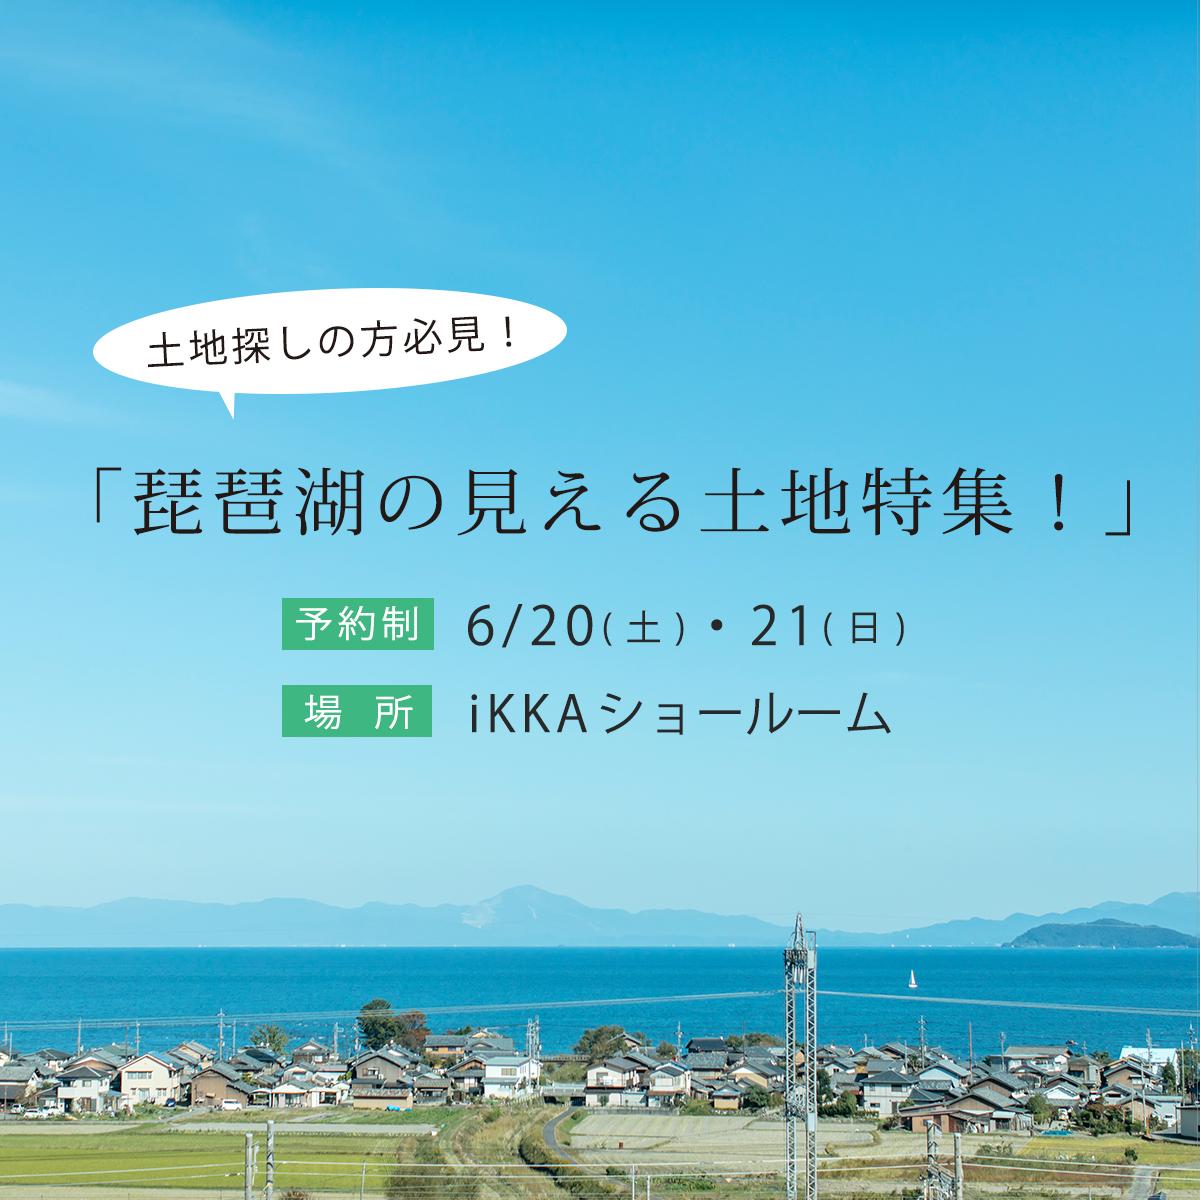 【滋賀県大津市】琵琶湖の見える土地特集!